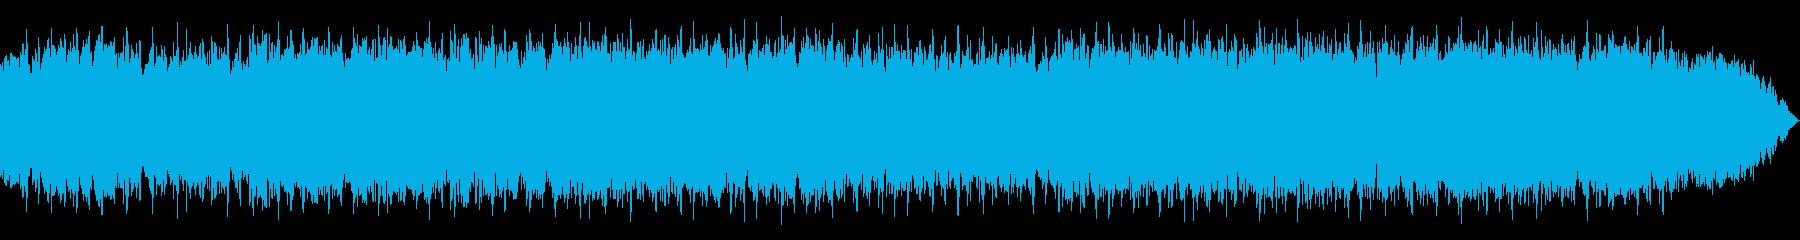 祈りと瞑想の笛のヒーリング音楽の再生済みの波形